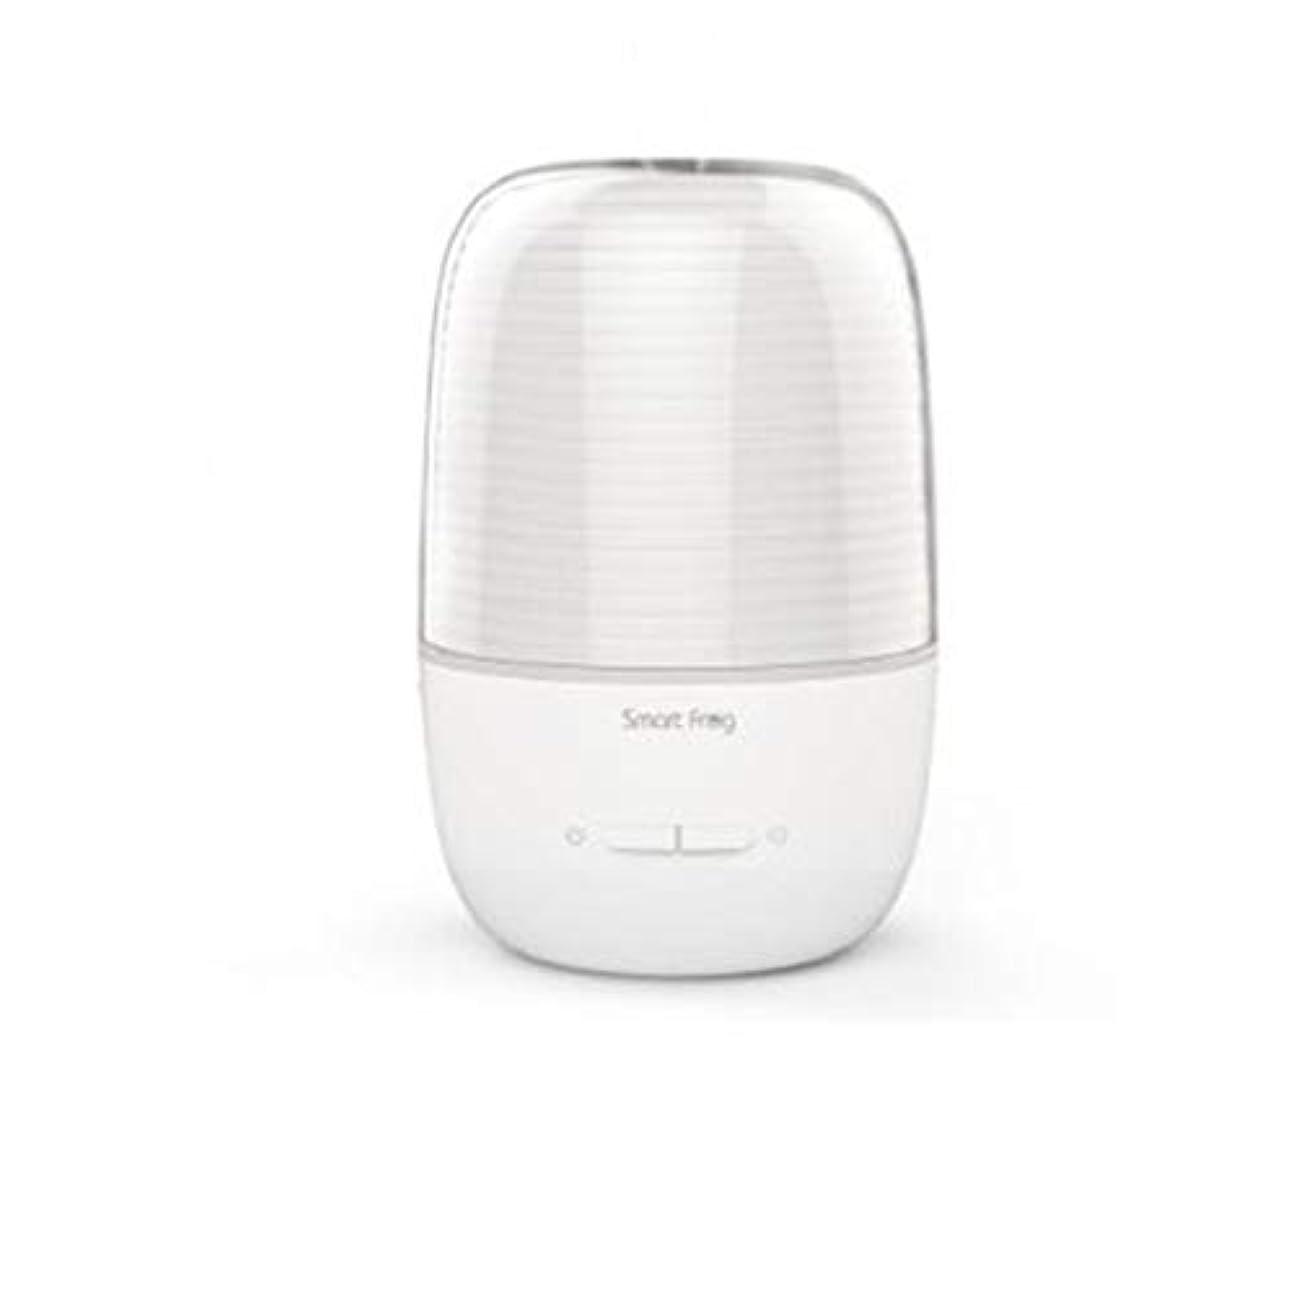 臨検コロニアル劇作家130ml超音波冷たい霧の加湿器の変更家のヨガのオフィスの鉱泉の寝室の拡散器 (Color : White)